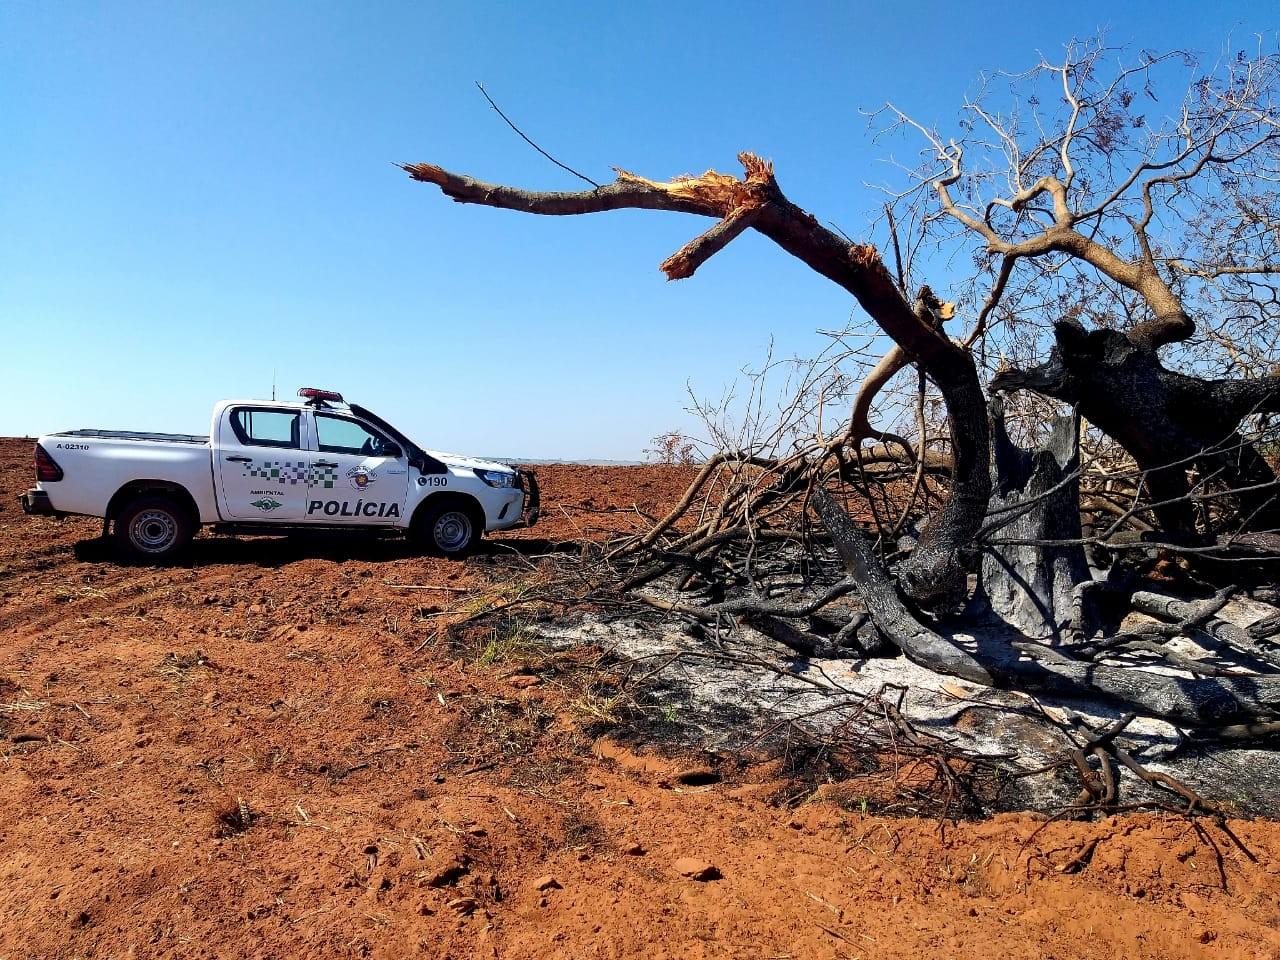 Devastação ambiental em área preparada para o cultivo de mandioca rende multas de quase R$ 100 mil a sitiante